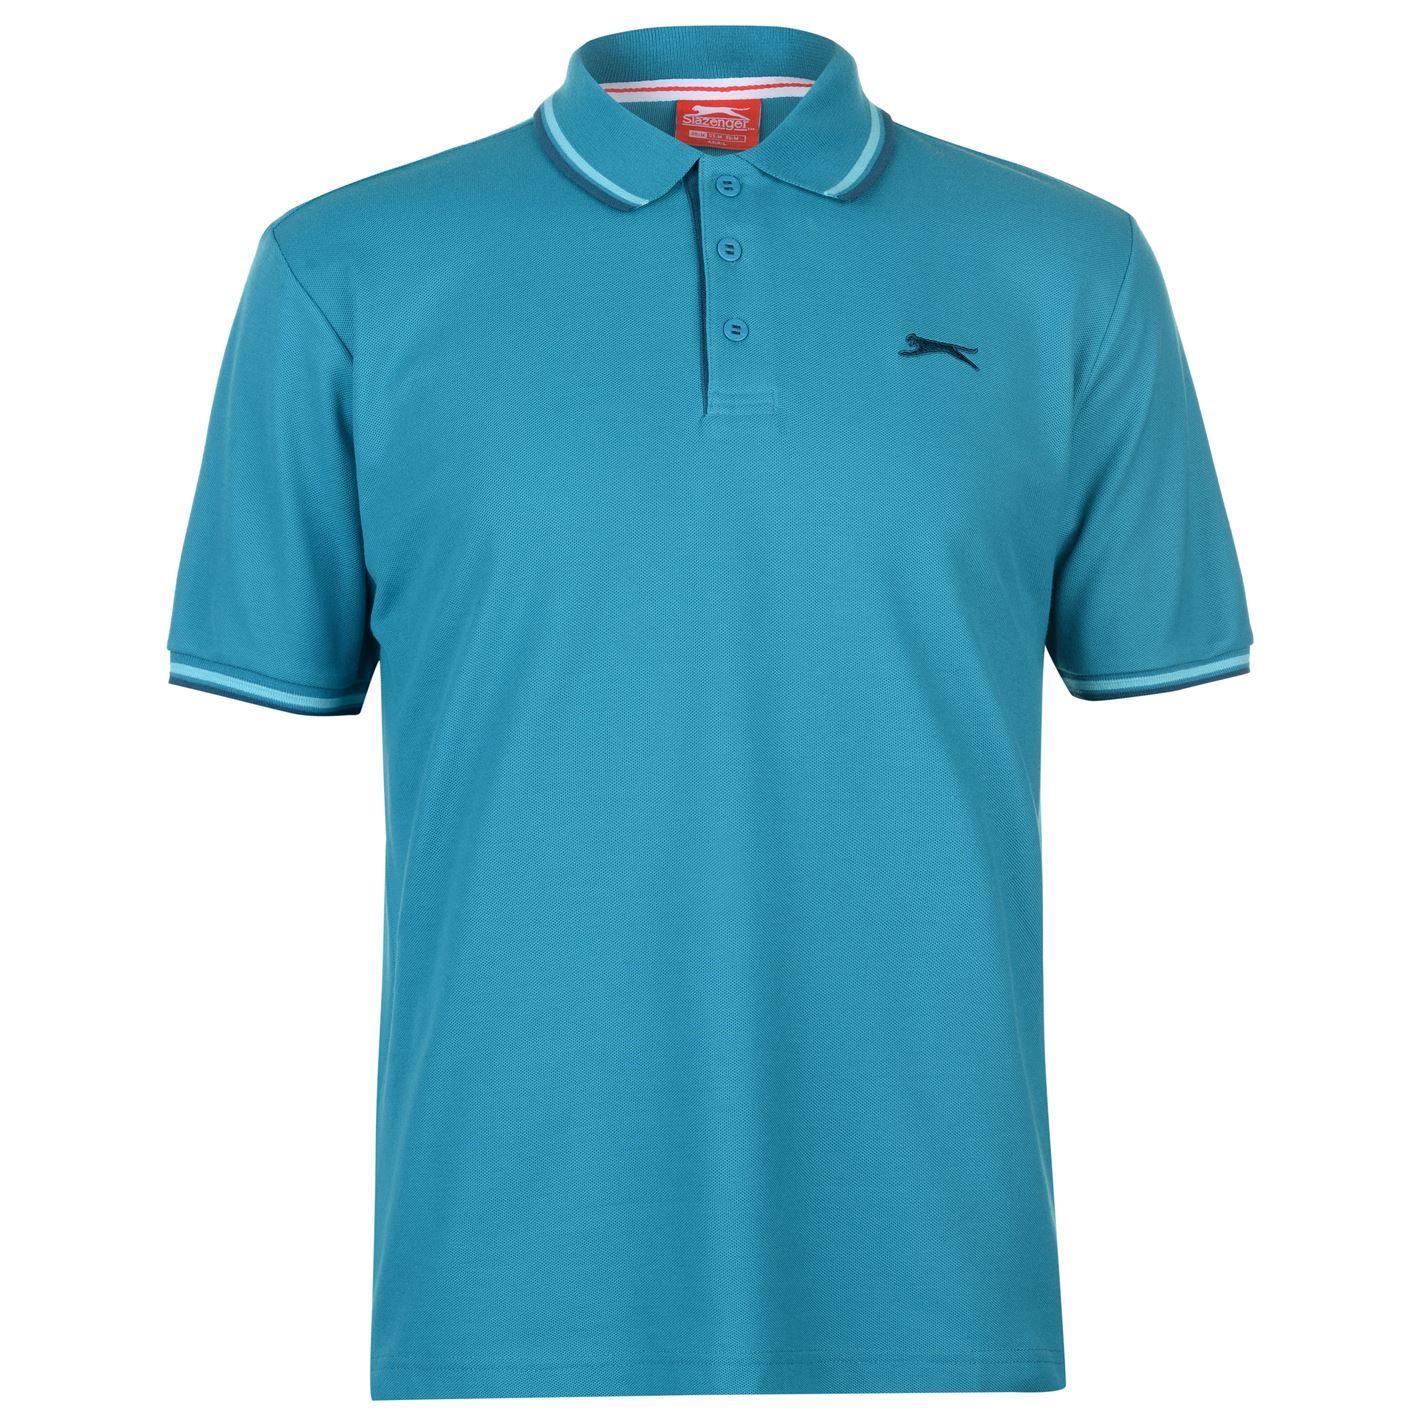 Slazenger-Polo-Camisa-de-hombre-con-cuello-con-Punta-T-Shirt-Top-Camiseta-Tee miniatura 69